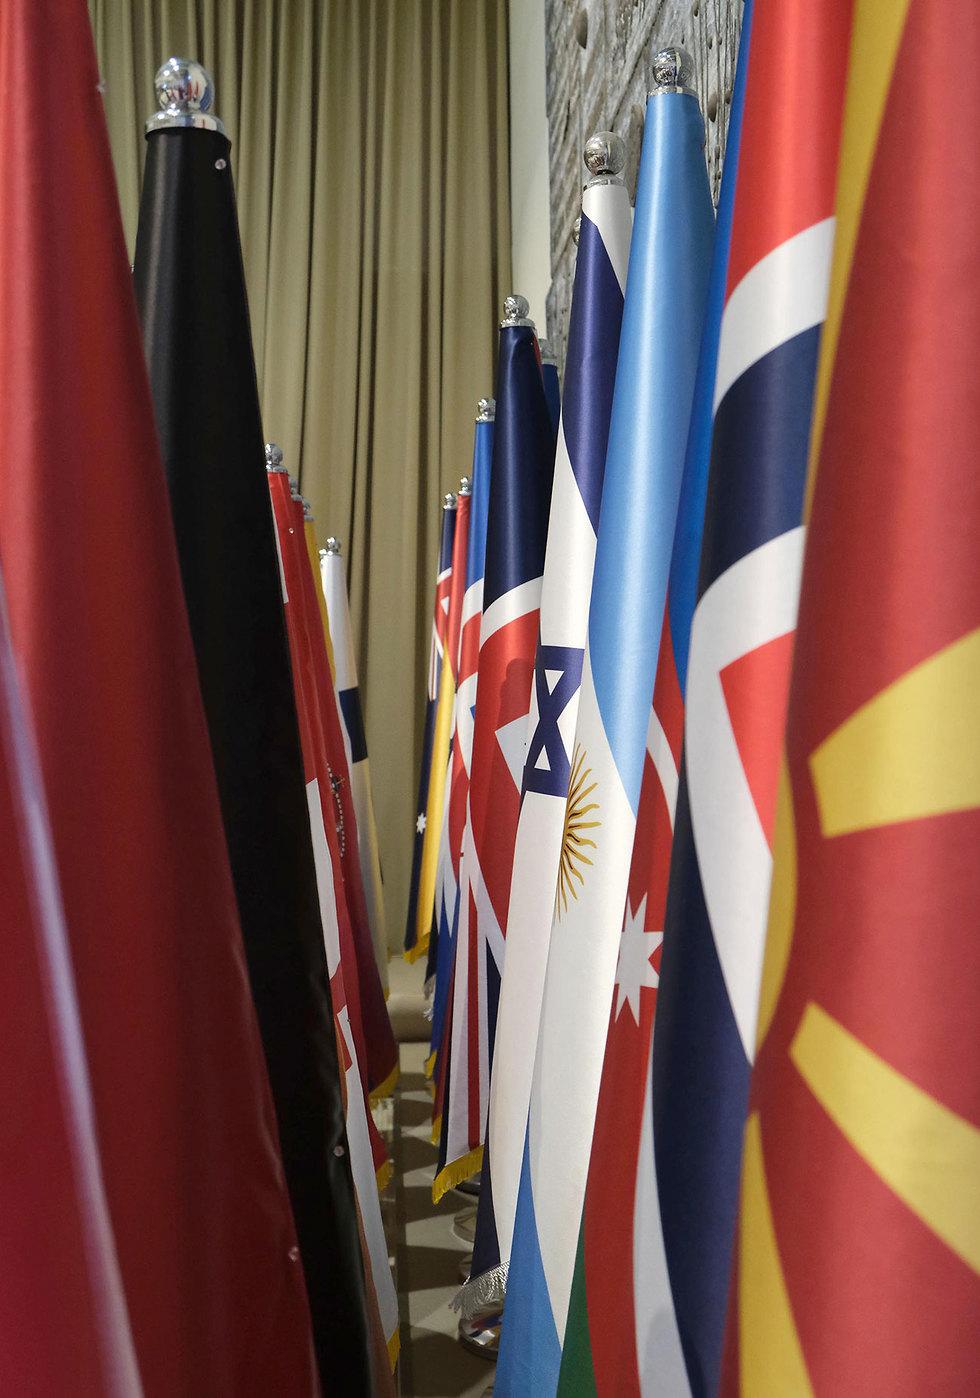 חזרה גנרלית בבית הנשיא לקראת הגעת 40 ראשי מדינות  (צילום: מארק ניימן לע